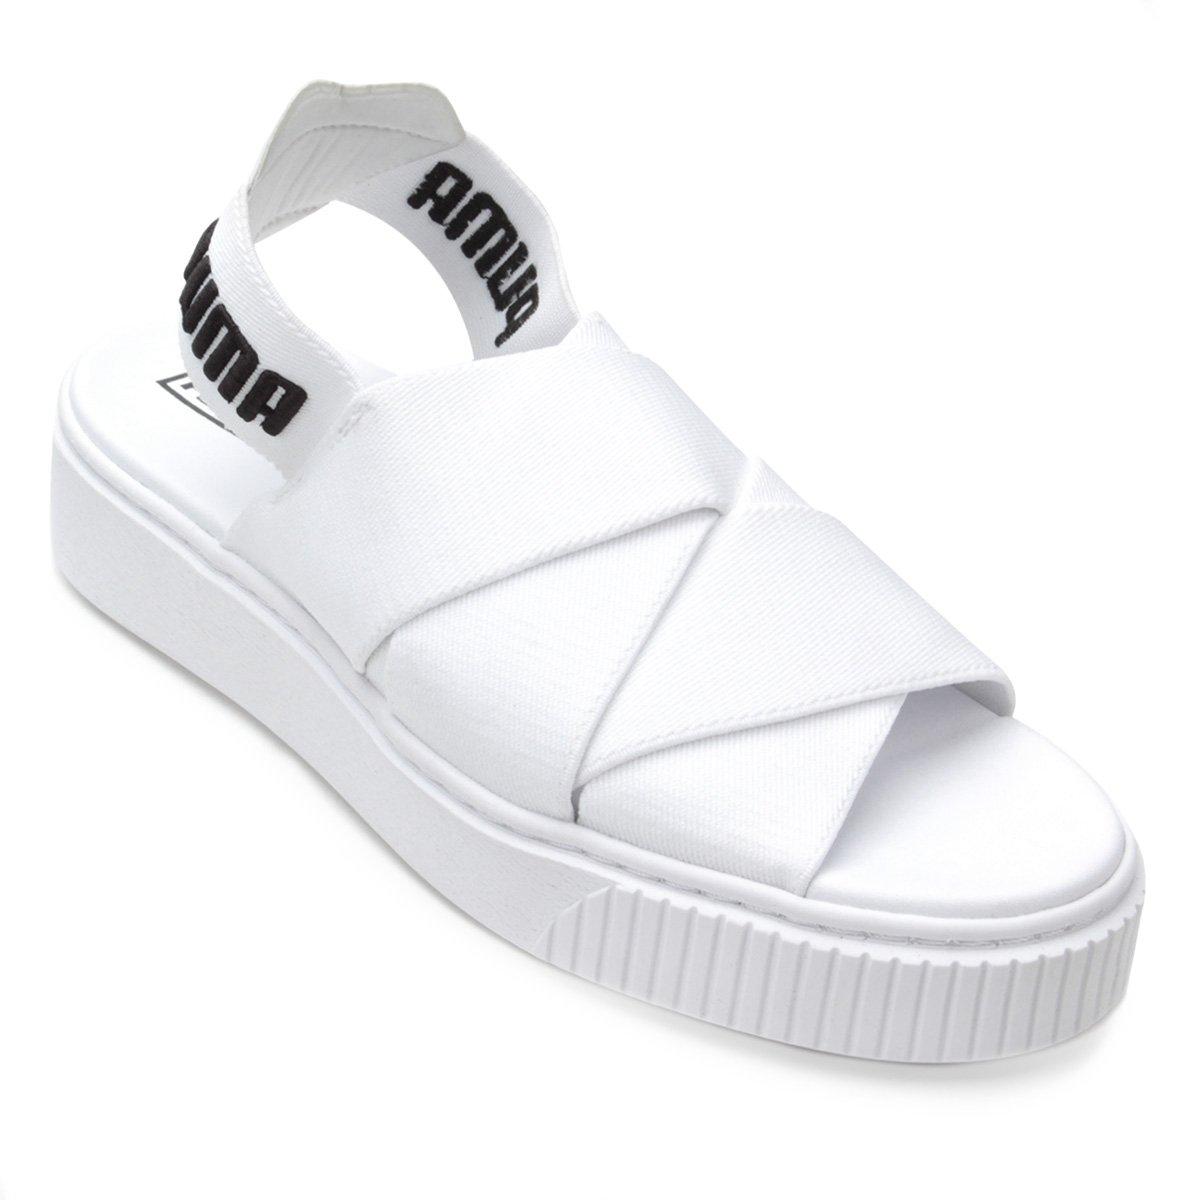 06a90f973dc Chinelo Puma Platform Sandal Wn S - Compre Agora